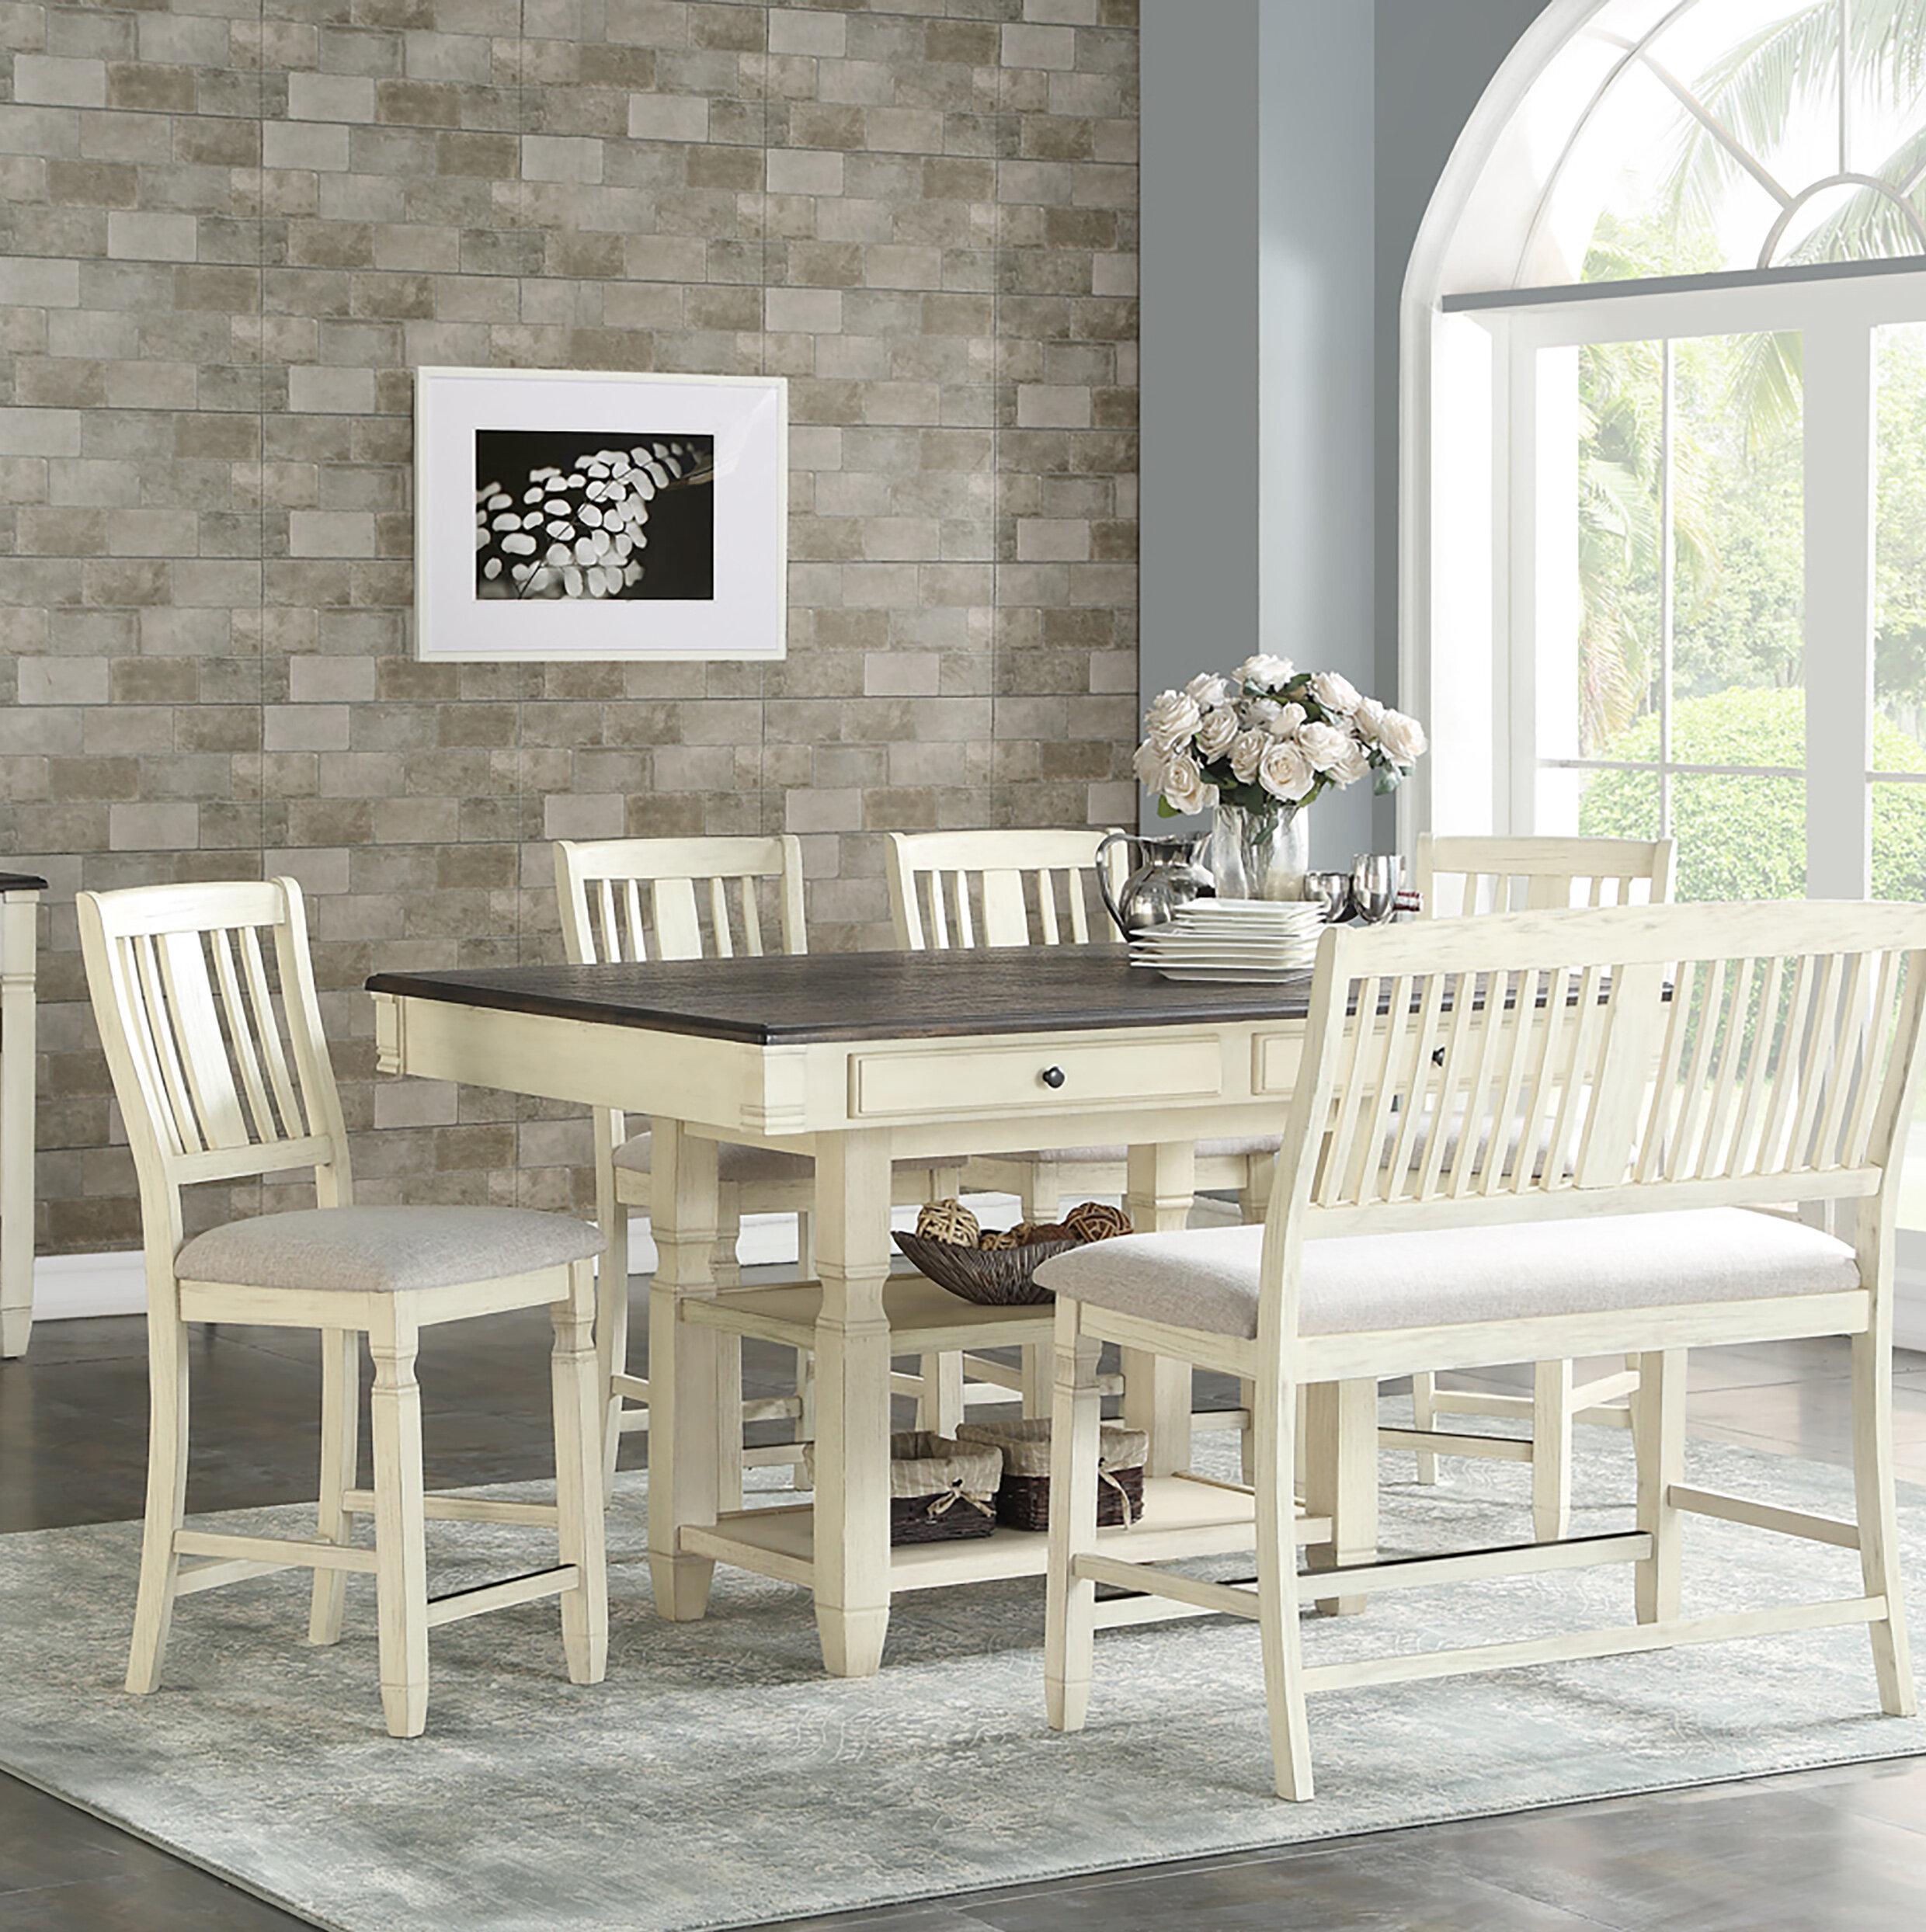 Rosalind Wheeler Elara 6 Piece Counter Height Solid Wood Dining Set Reviews Wayfair